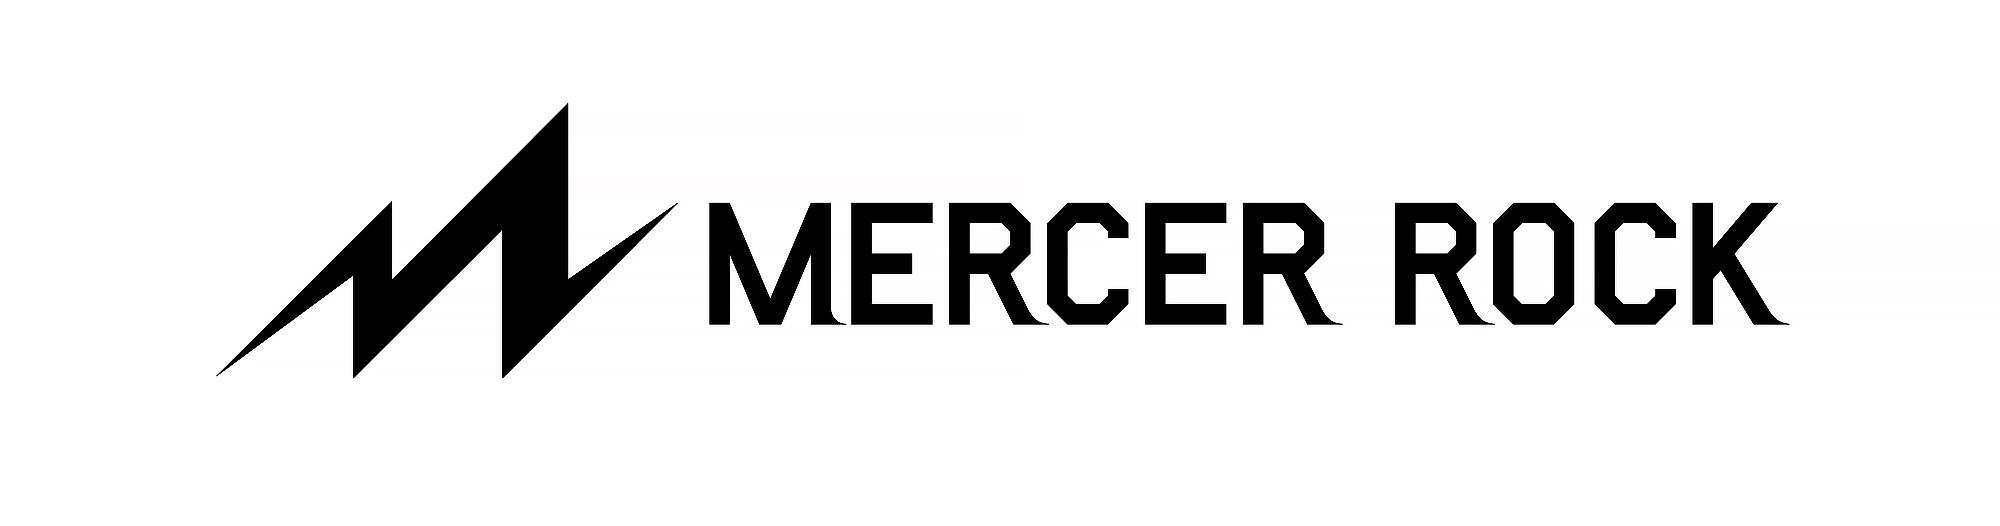 マーサーロック株式会社ロゴ